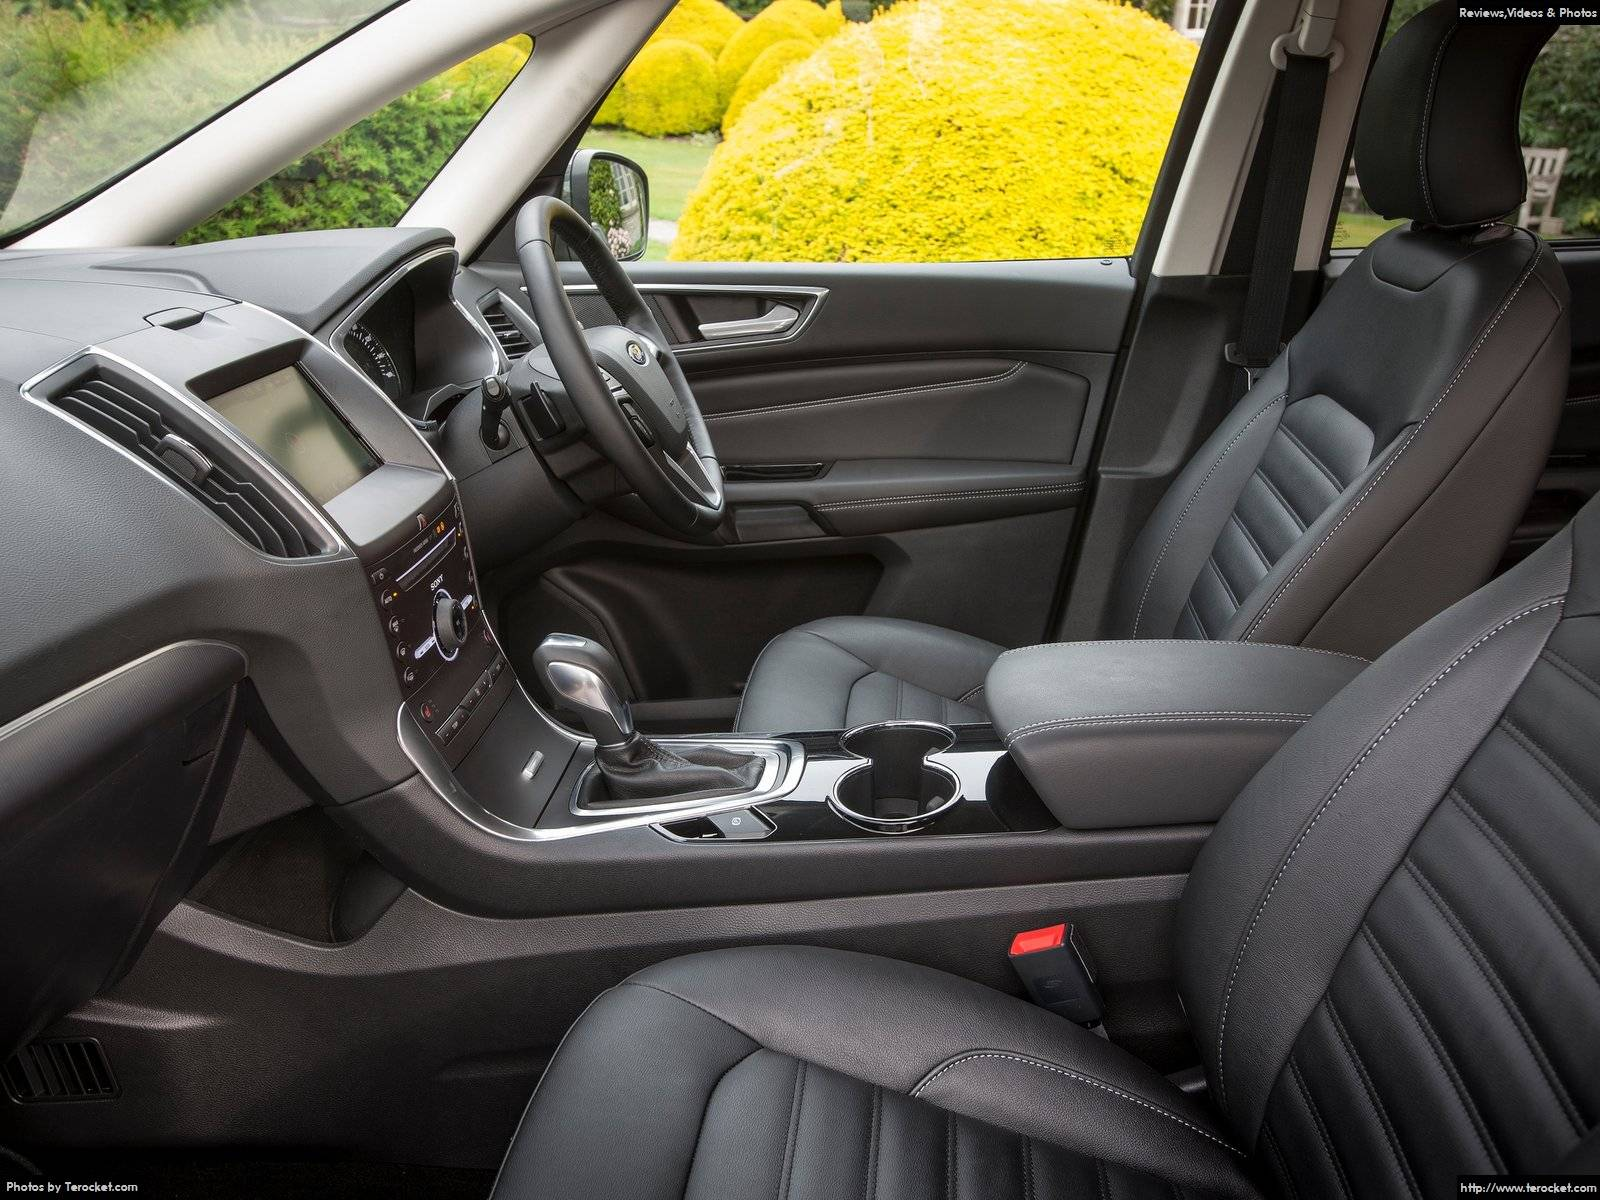 Hình ảnh xe ô tô Ford Galaxy 2016 & nội ngoại thất